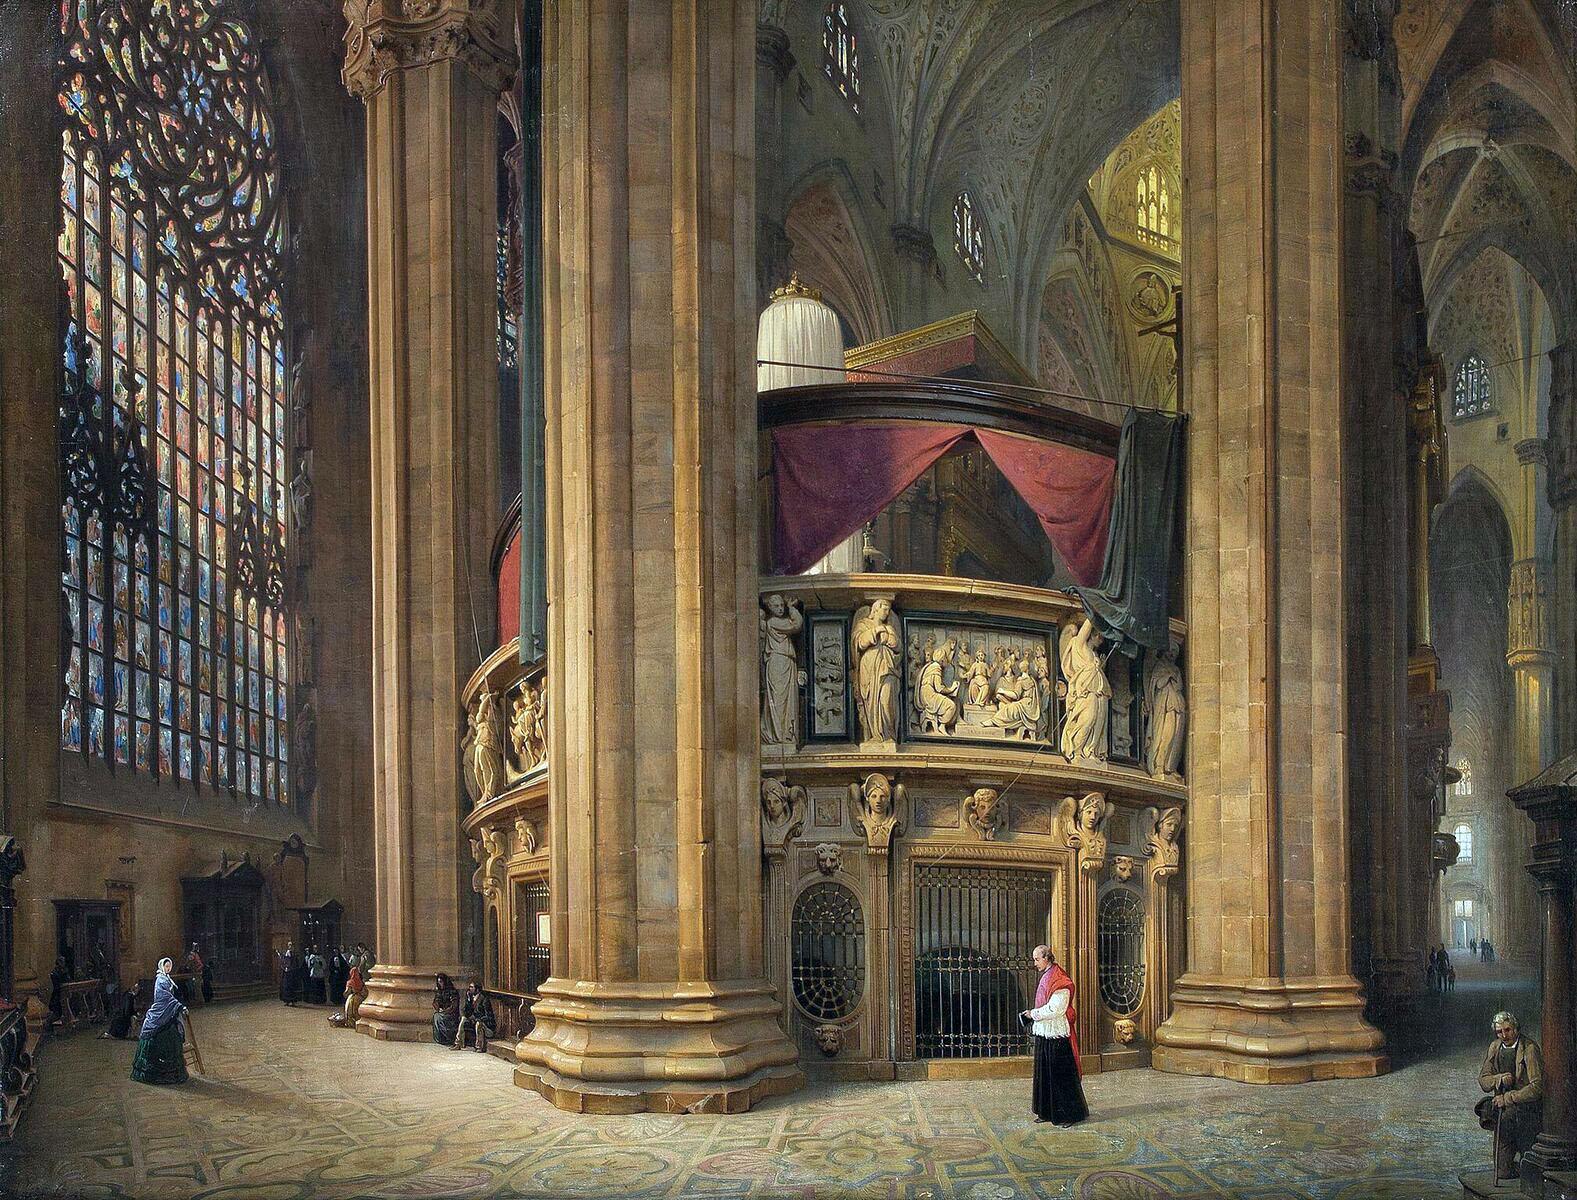 Luigi Bisi, Il tornacoro del Duomo di Milano (1860; olio su tela, 90 x 150 cm; Collezione privata, courtesy Quadreria dell'800, Milano)